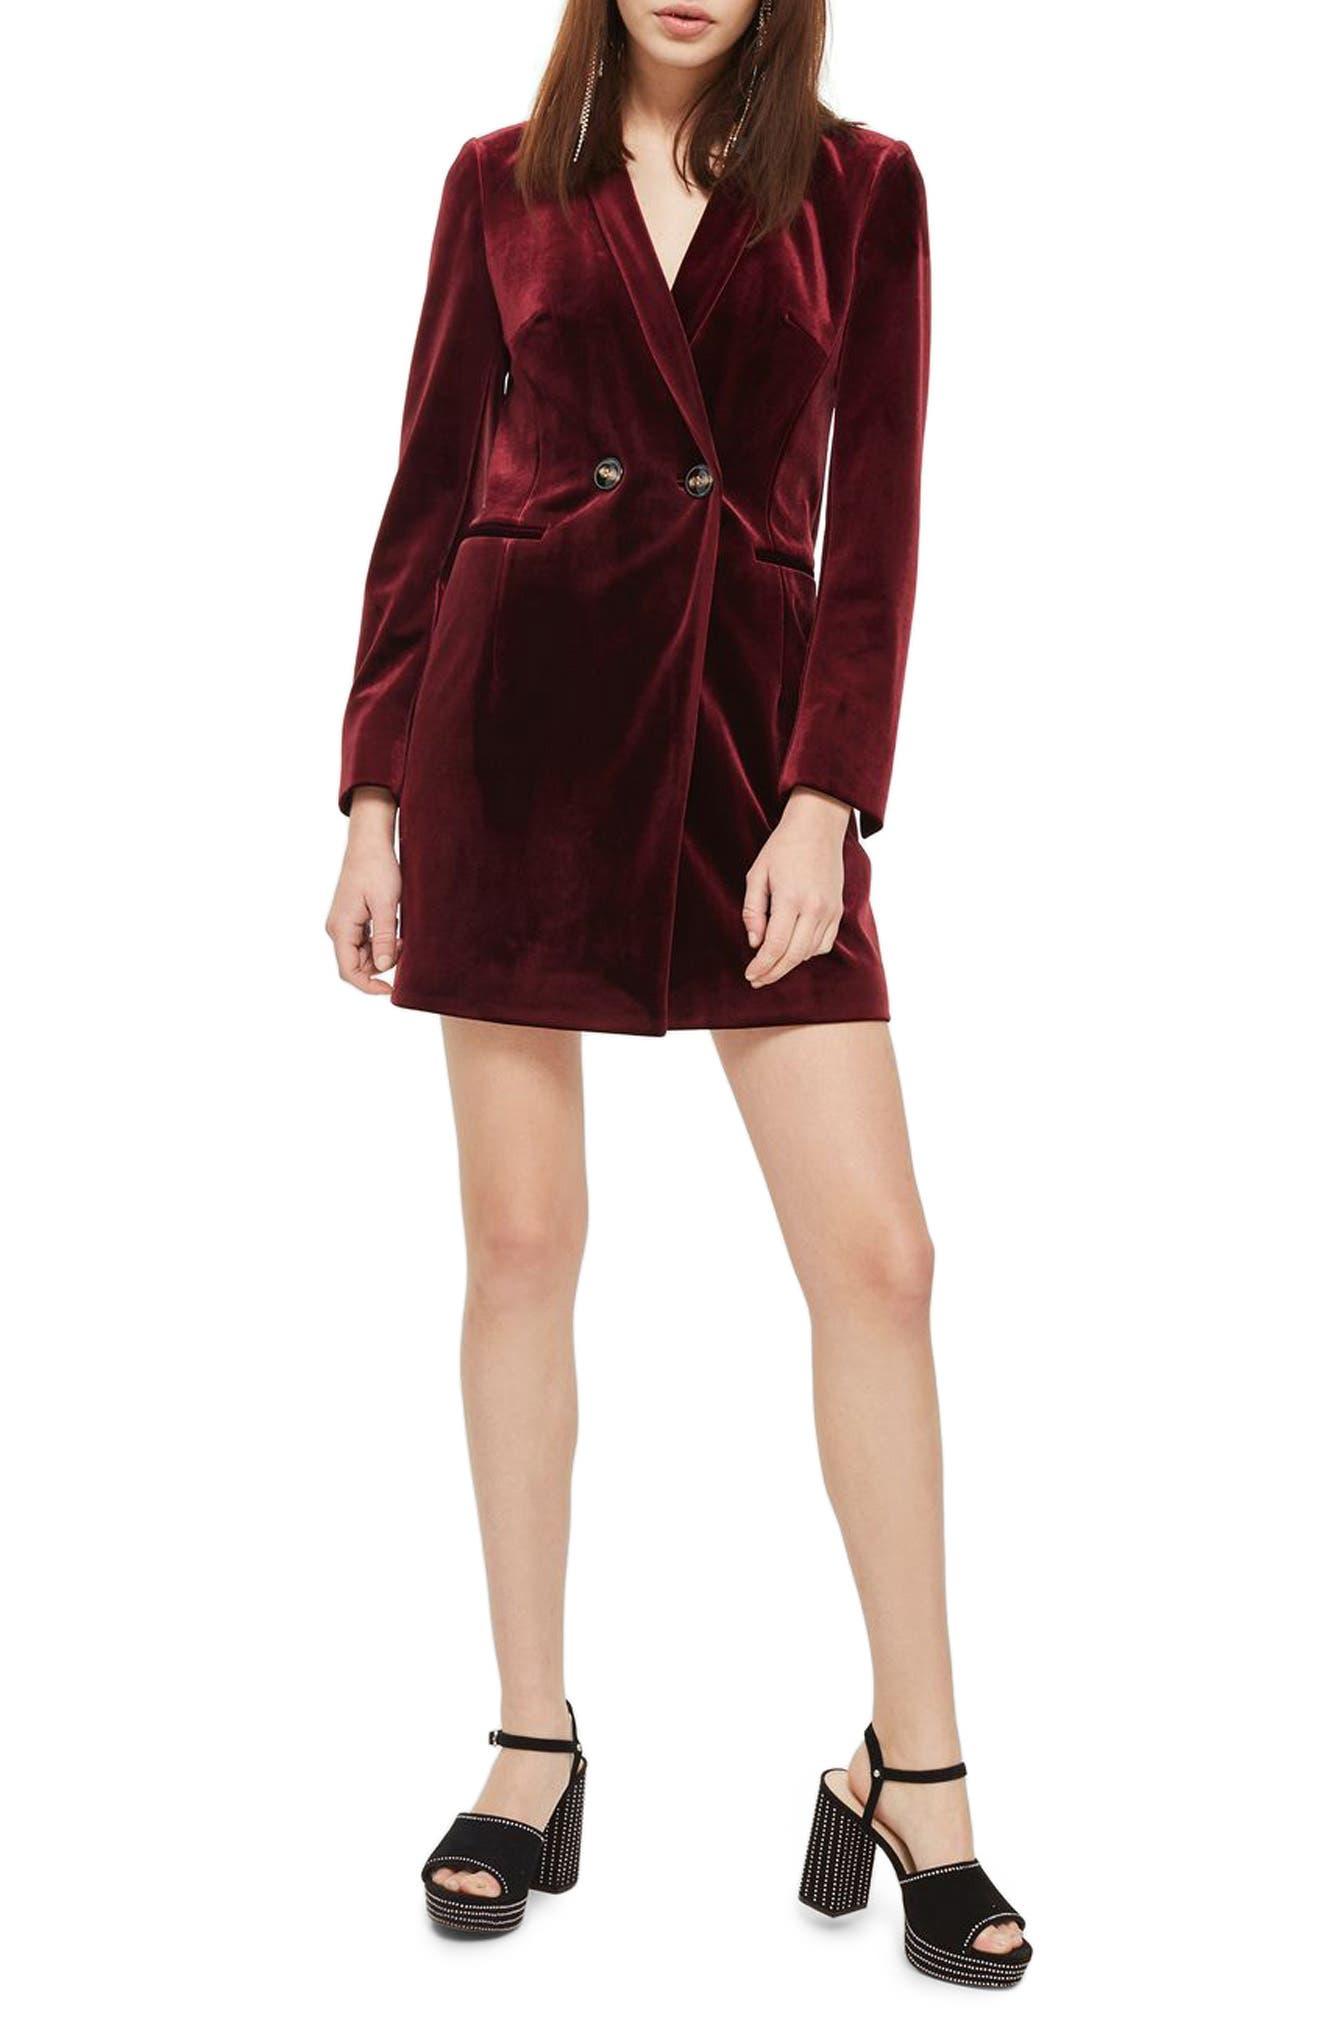 Alternate Image 1 Selected - Topshop Double Breasted Velvet Blazer Dress